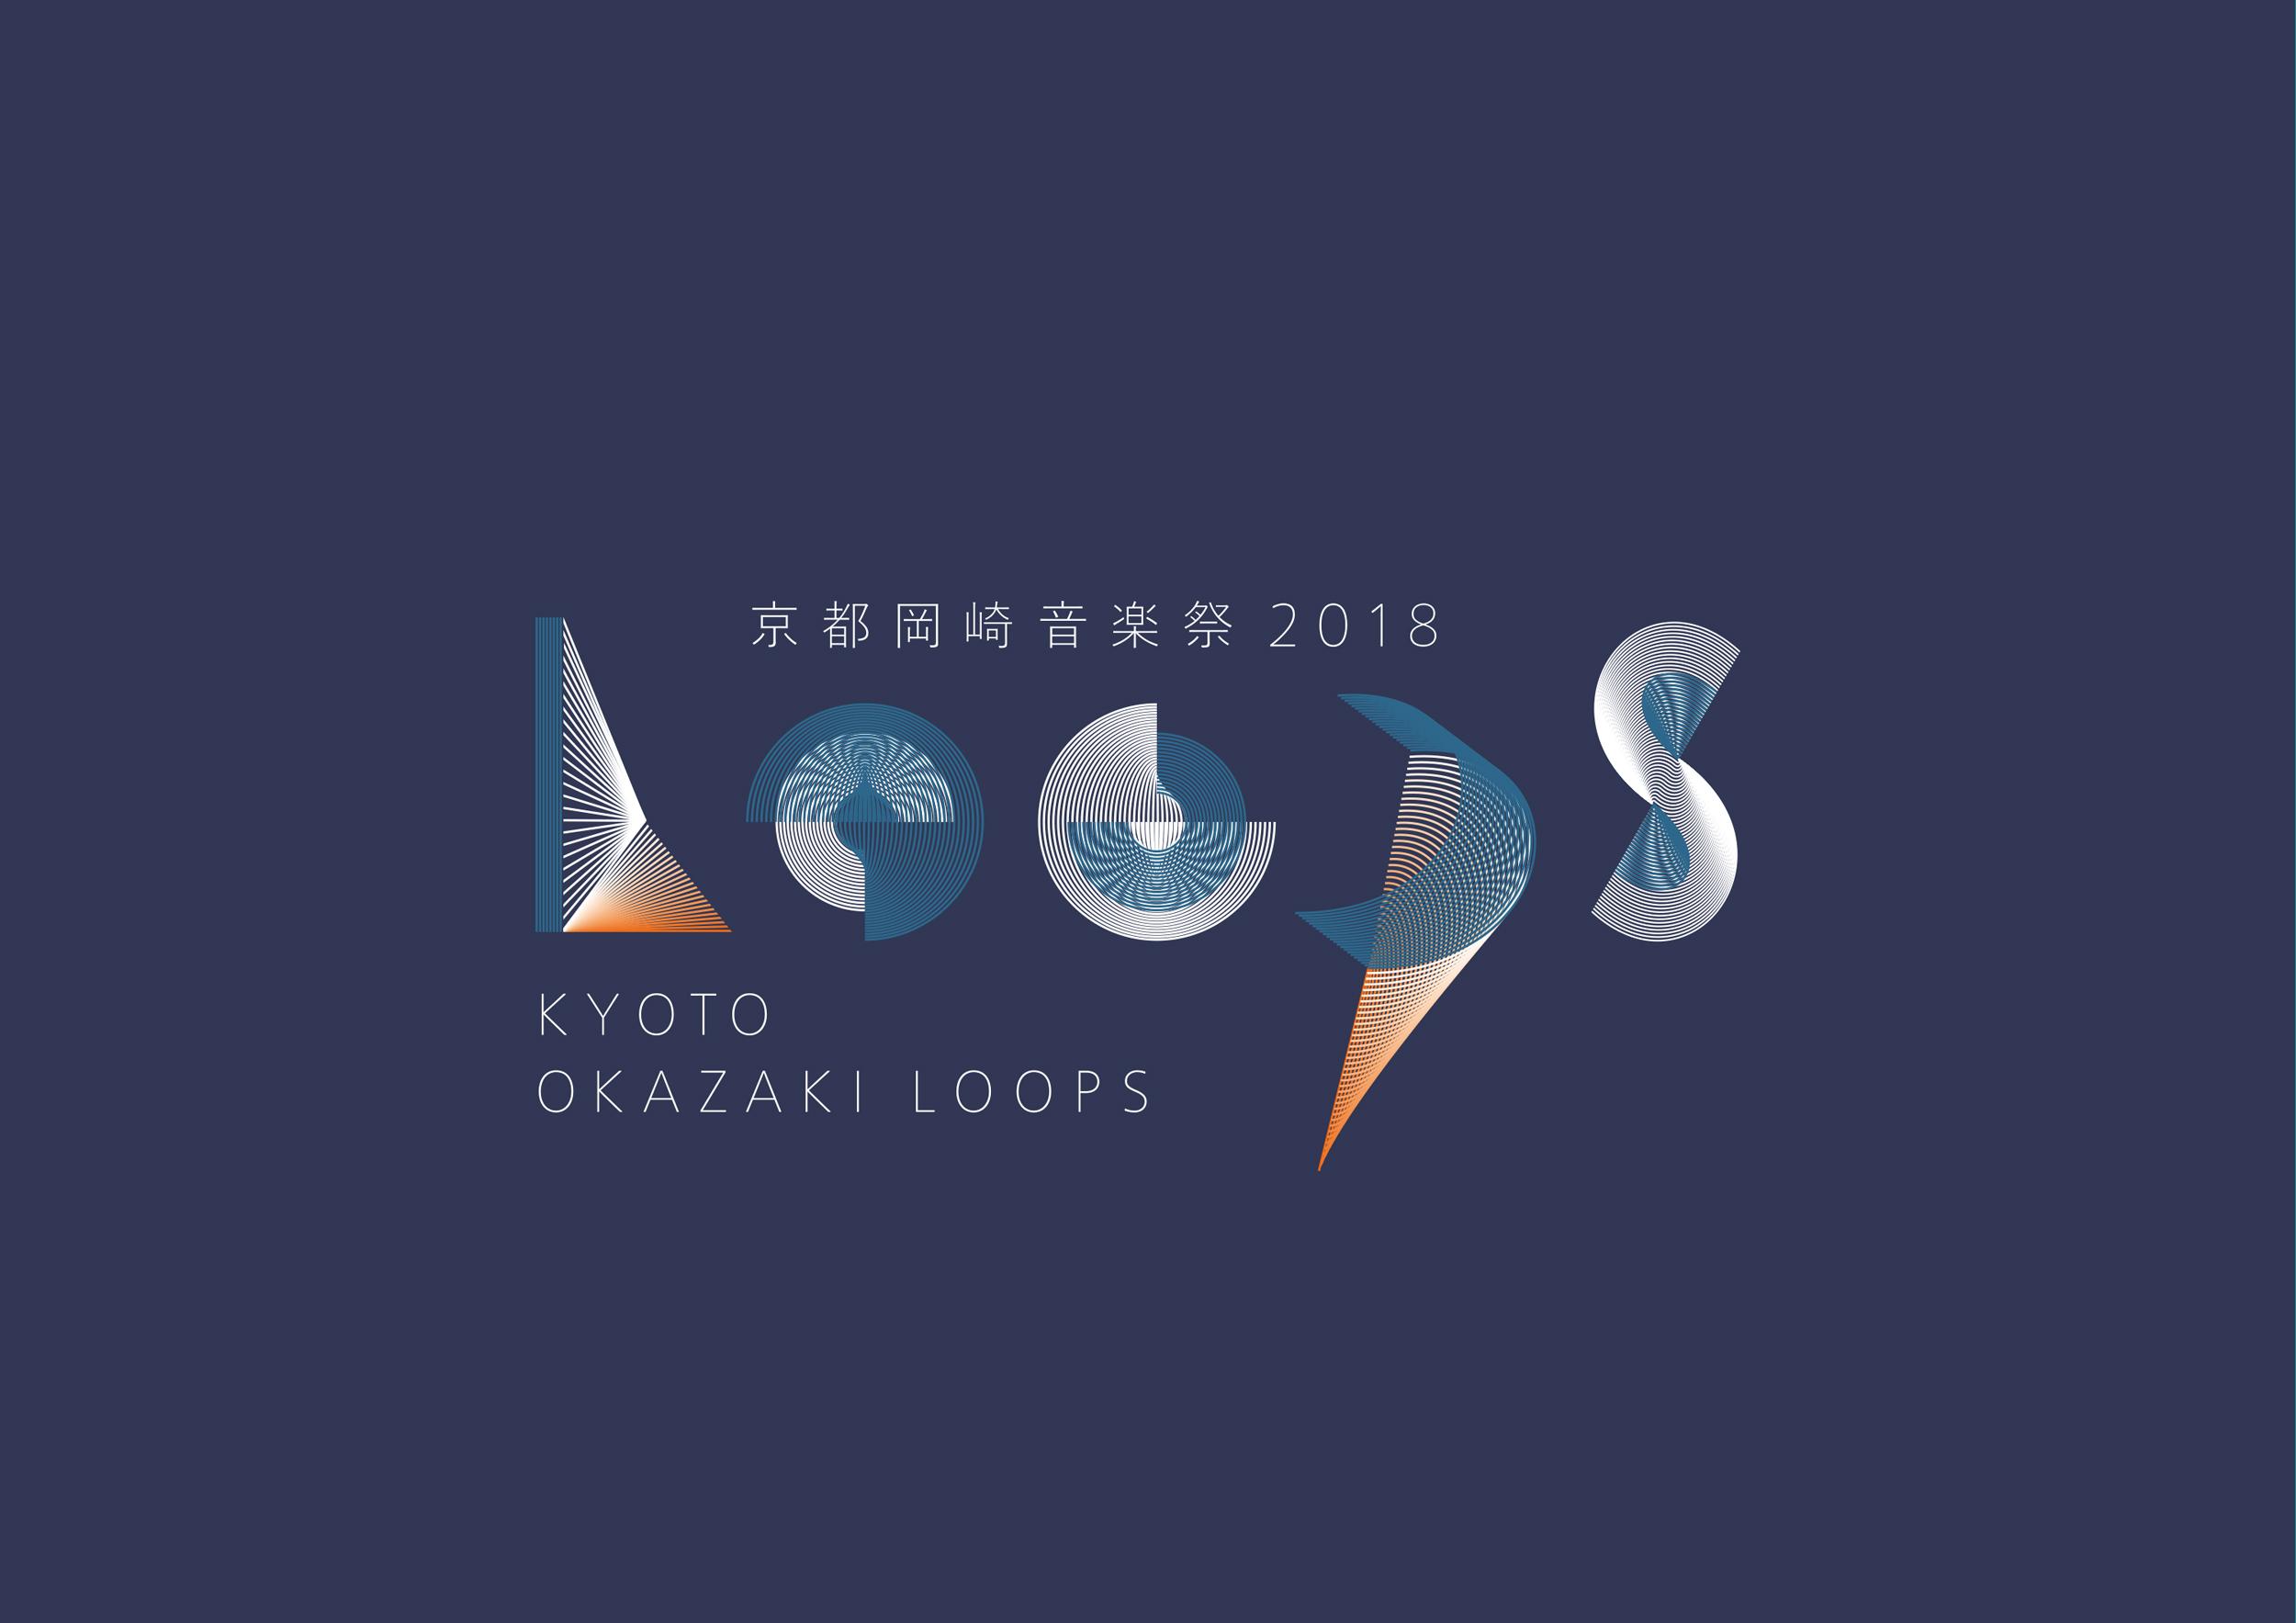 loops_logo-2018.jpg